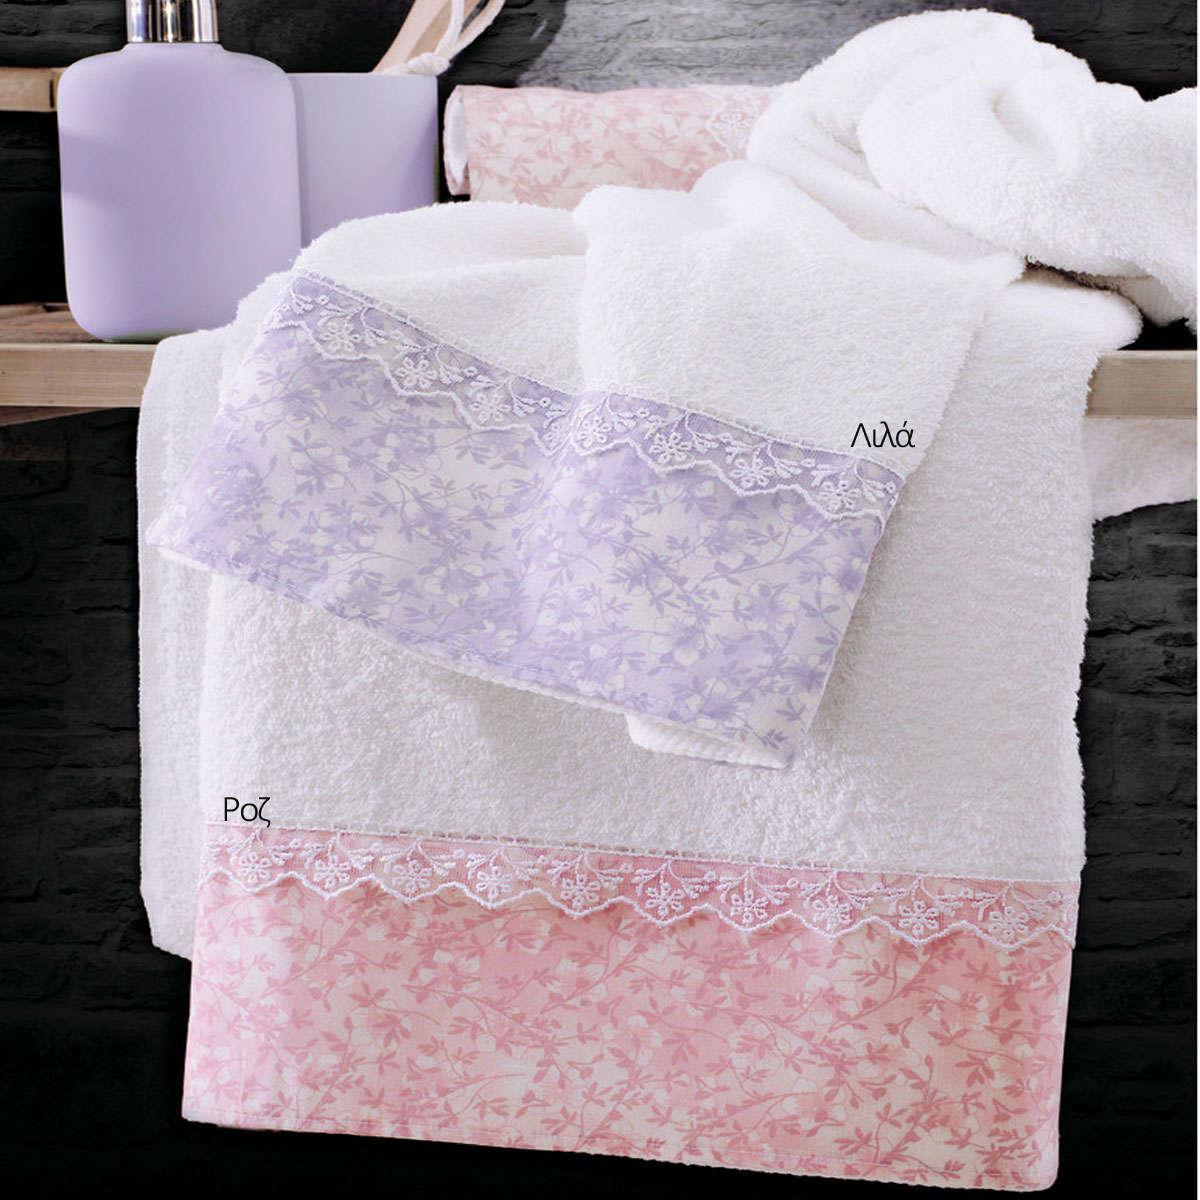 Πετσέτες Σετ 3τμχ Σε Σακούλα Carezza Ροζ Ρυθμός Σετ Πετσέτες